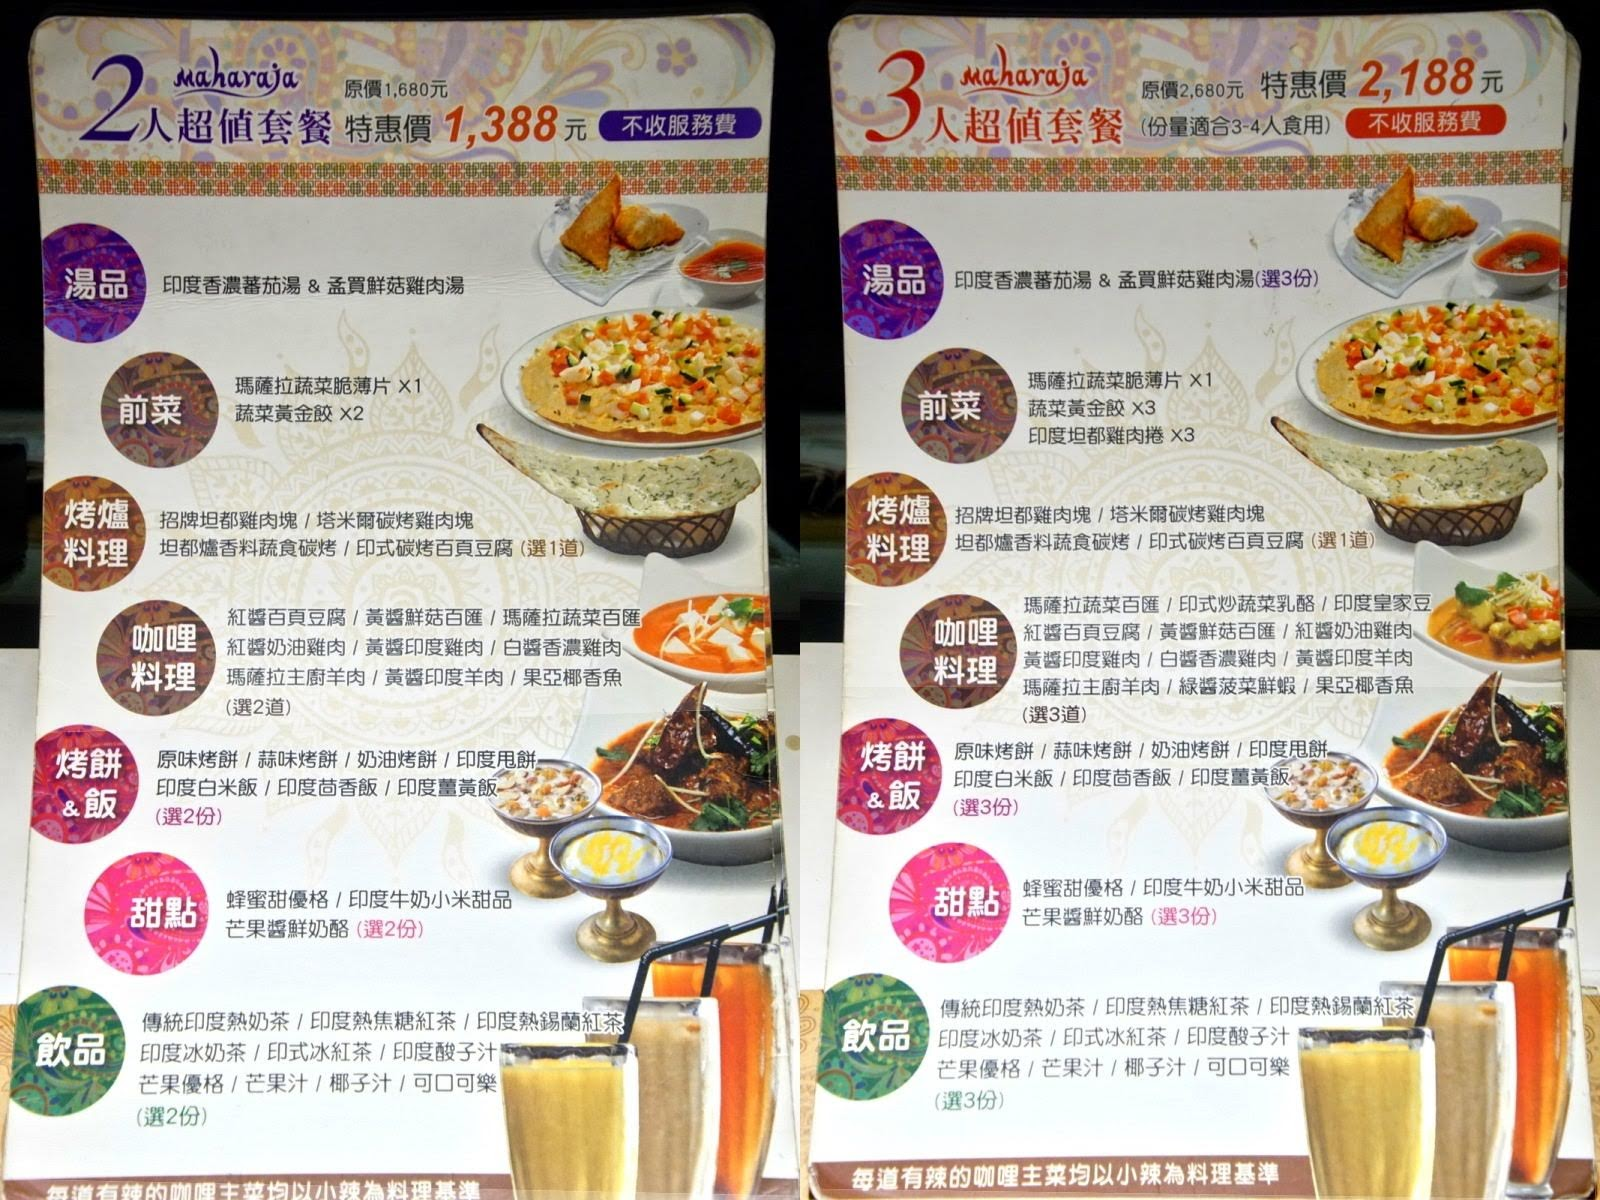 [台南][北區] 瑪哈印度餐廳|東豐店|食記